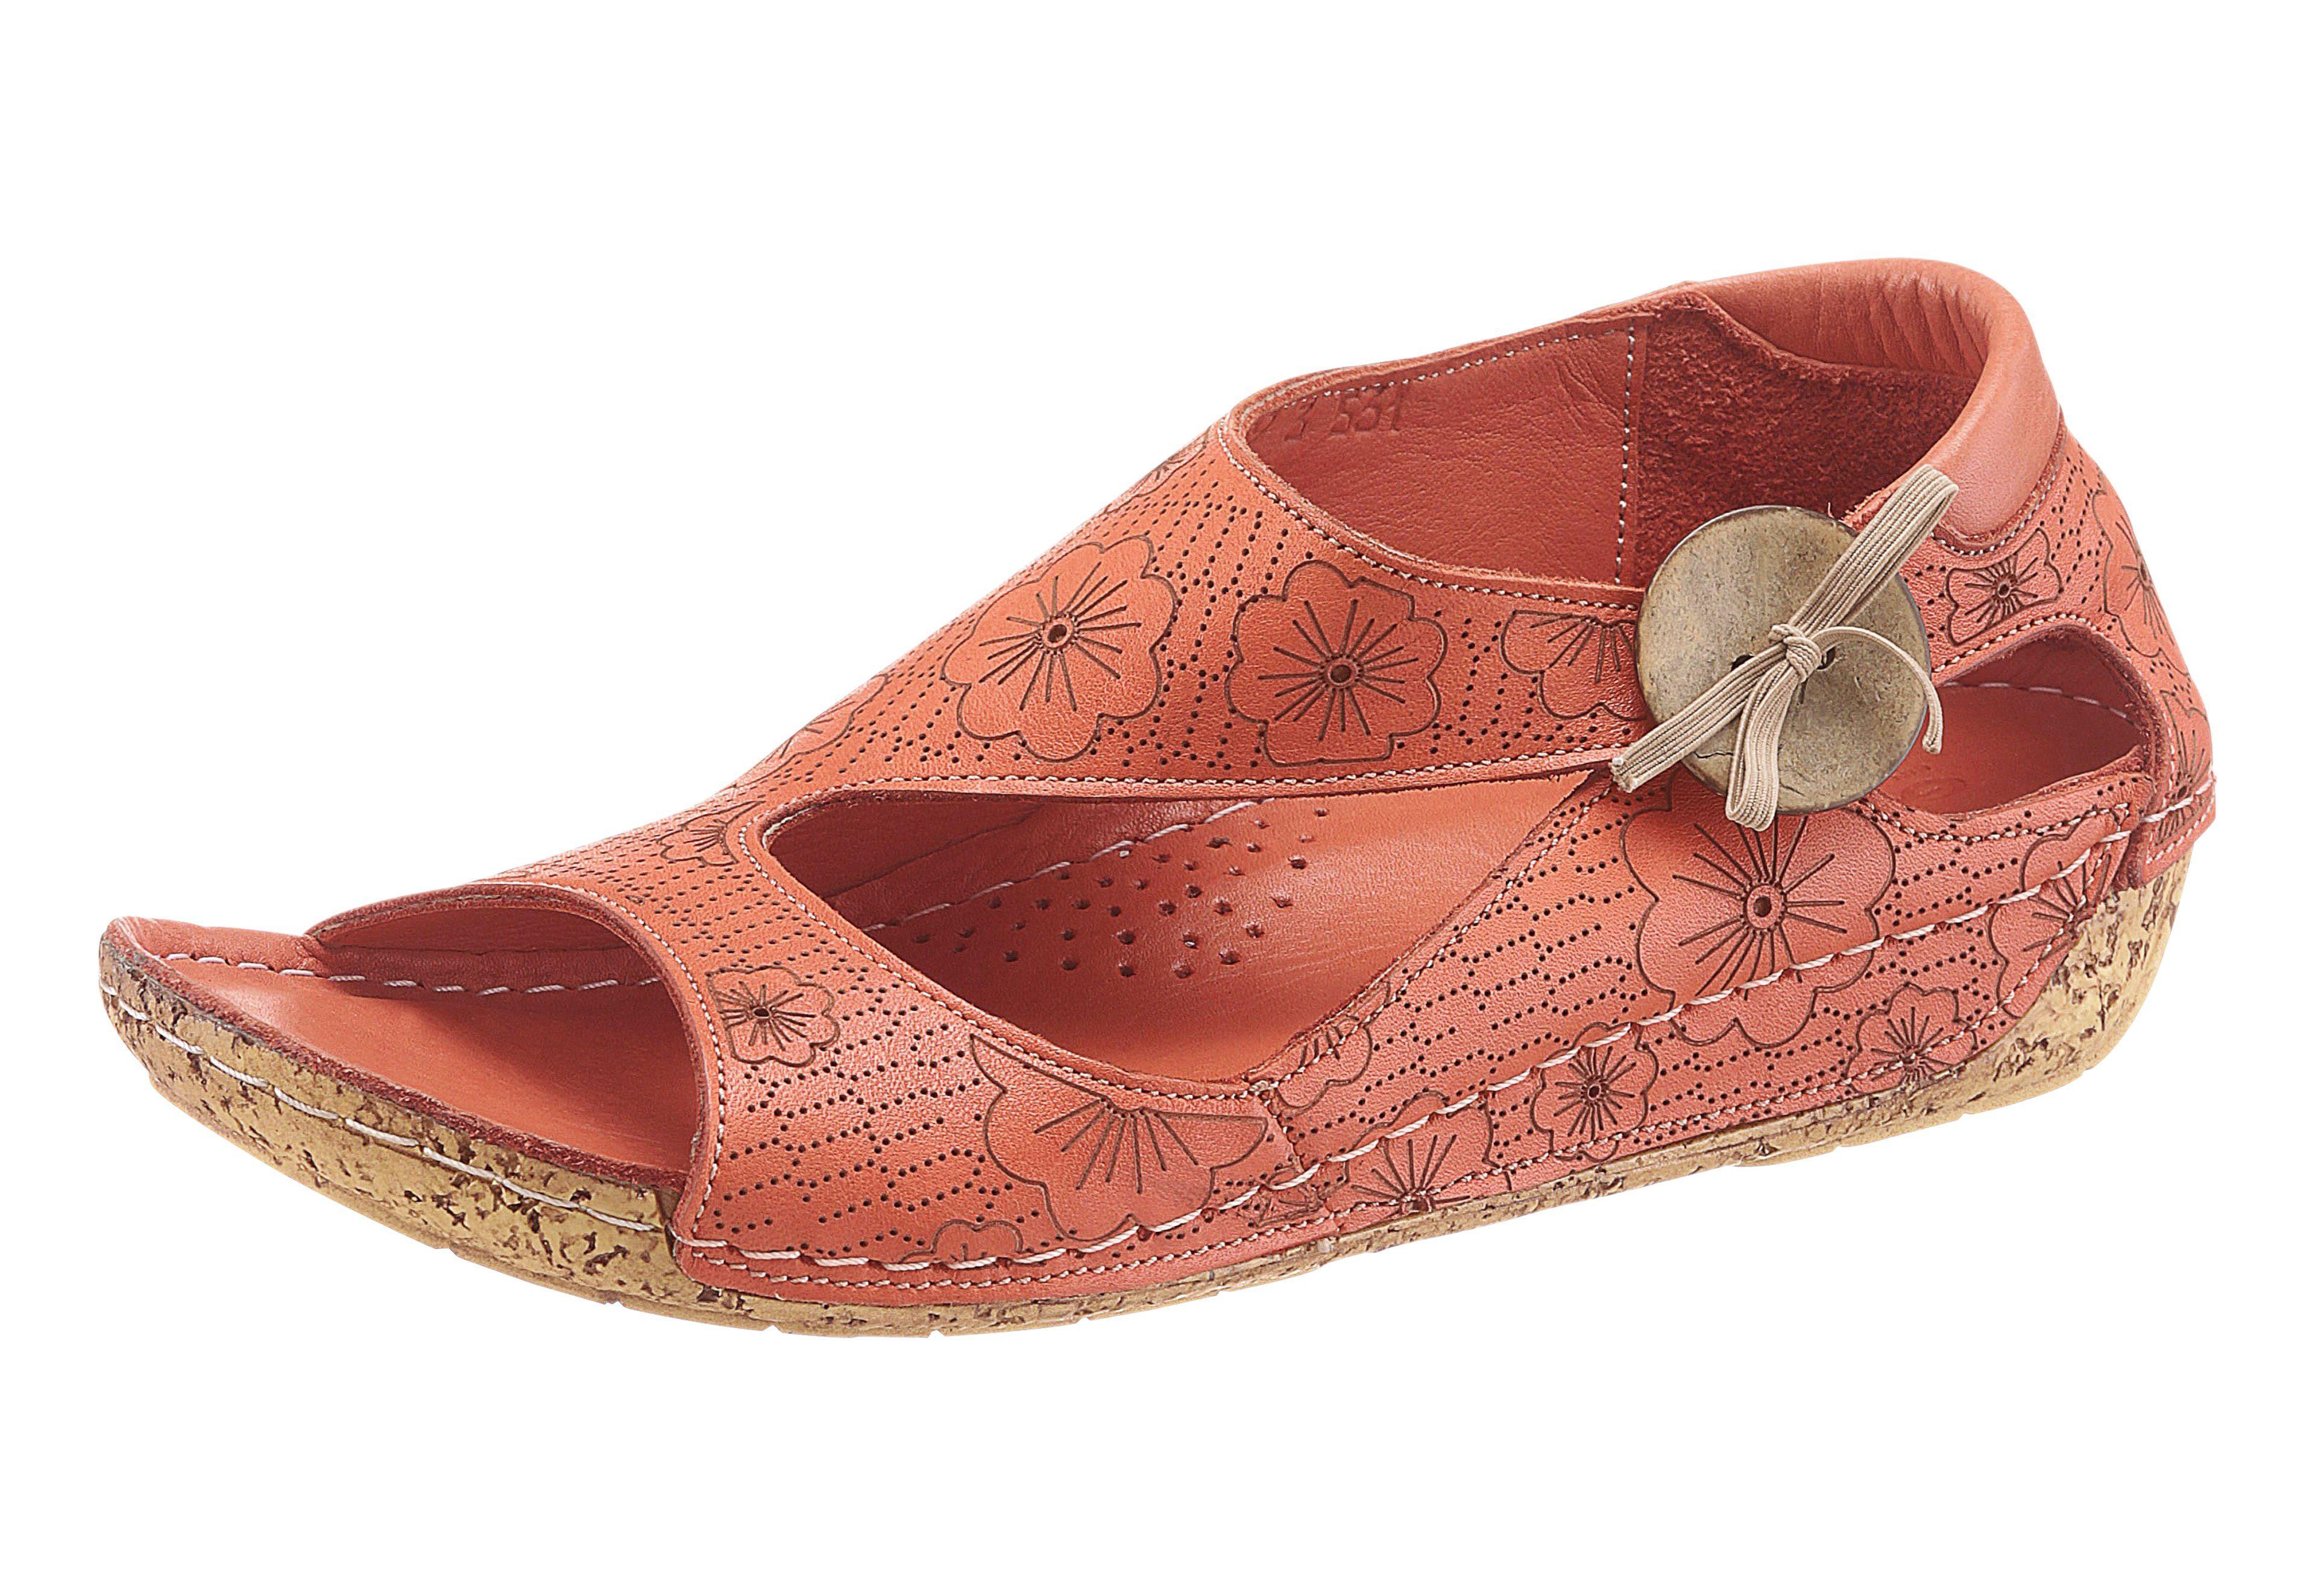 Gemini Sandalette mit Blumen-Muster online kaufen  korallenrot